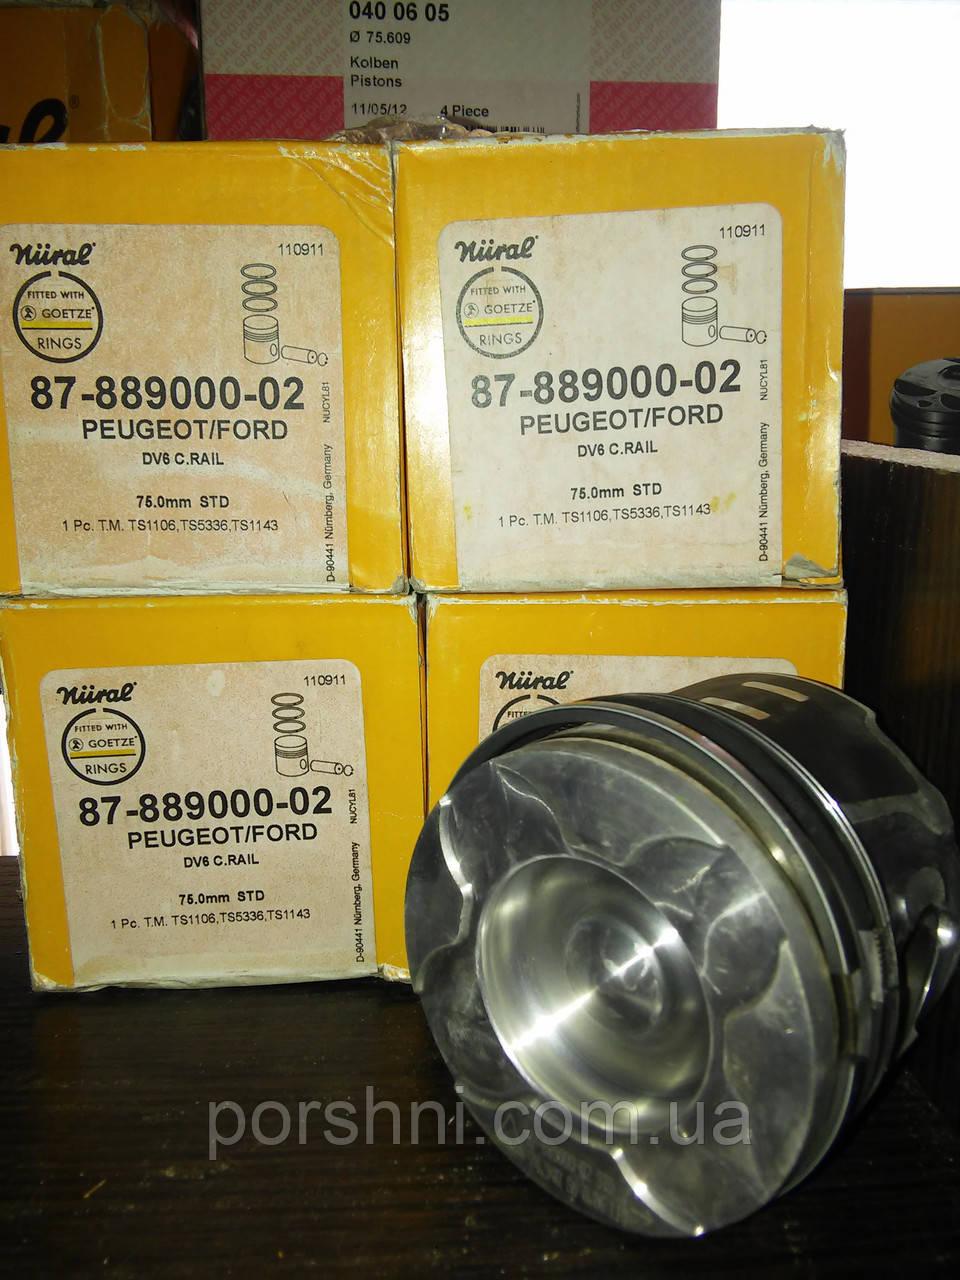 Поршнева 75 STD Focus C-MAX 1.6 TDCI 2003 -- NURAL 87-889000-02